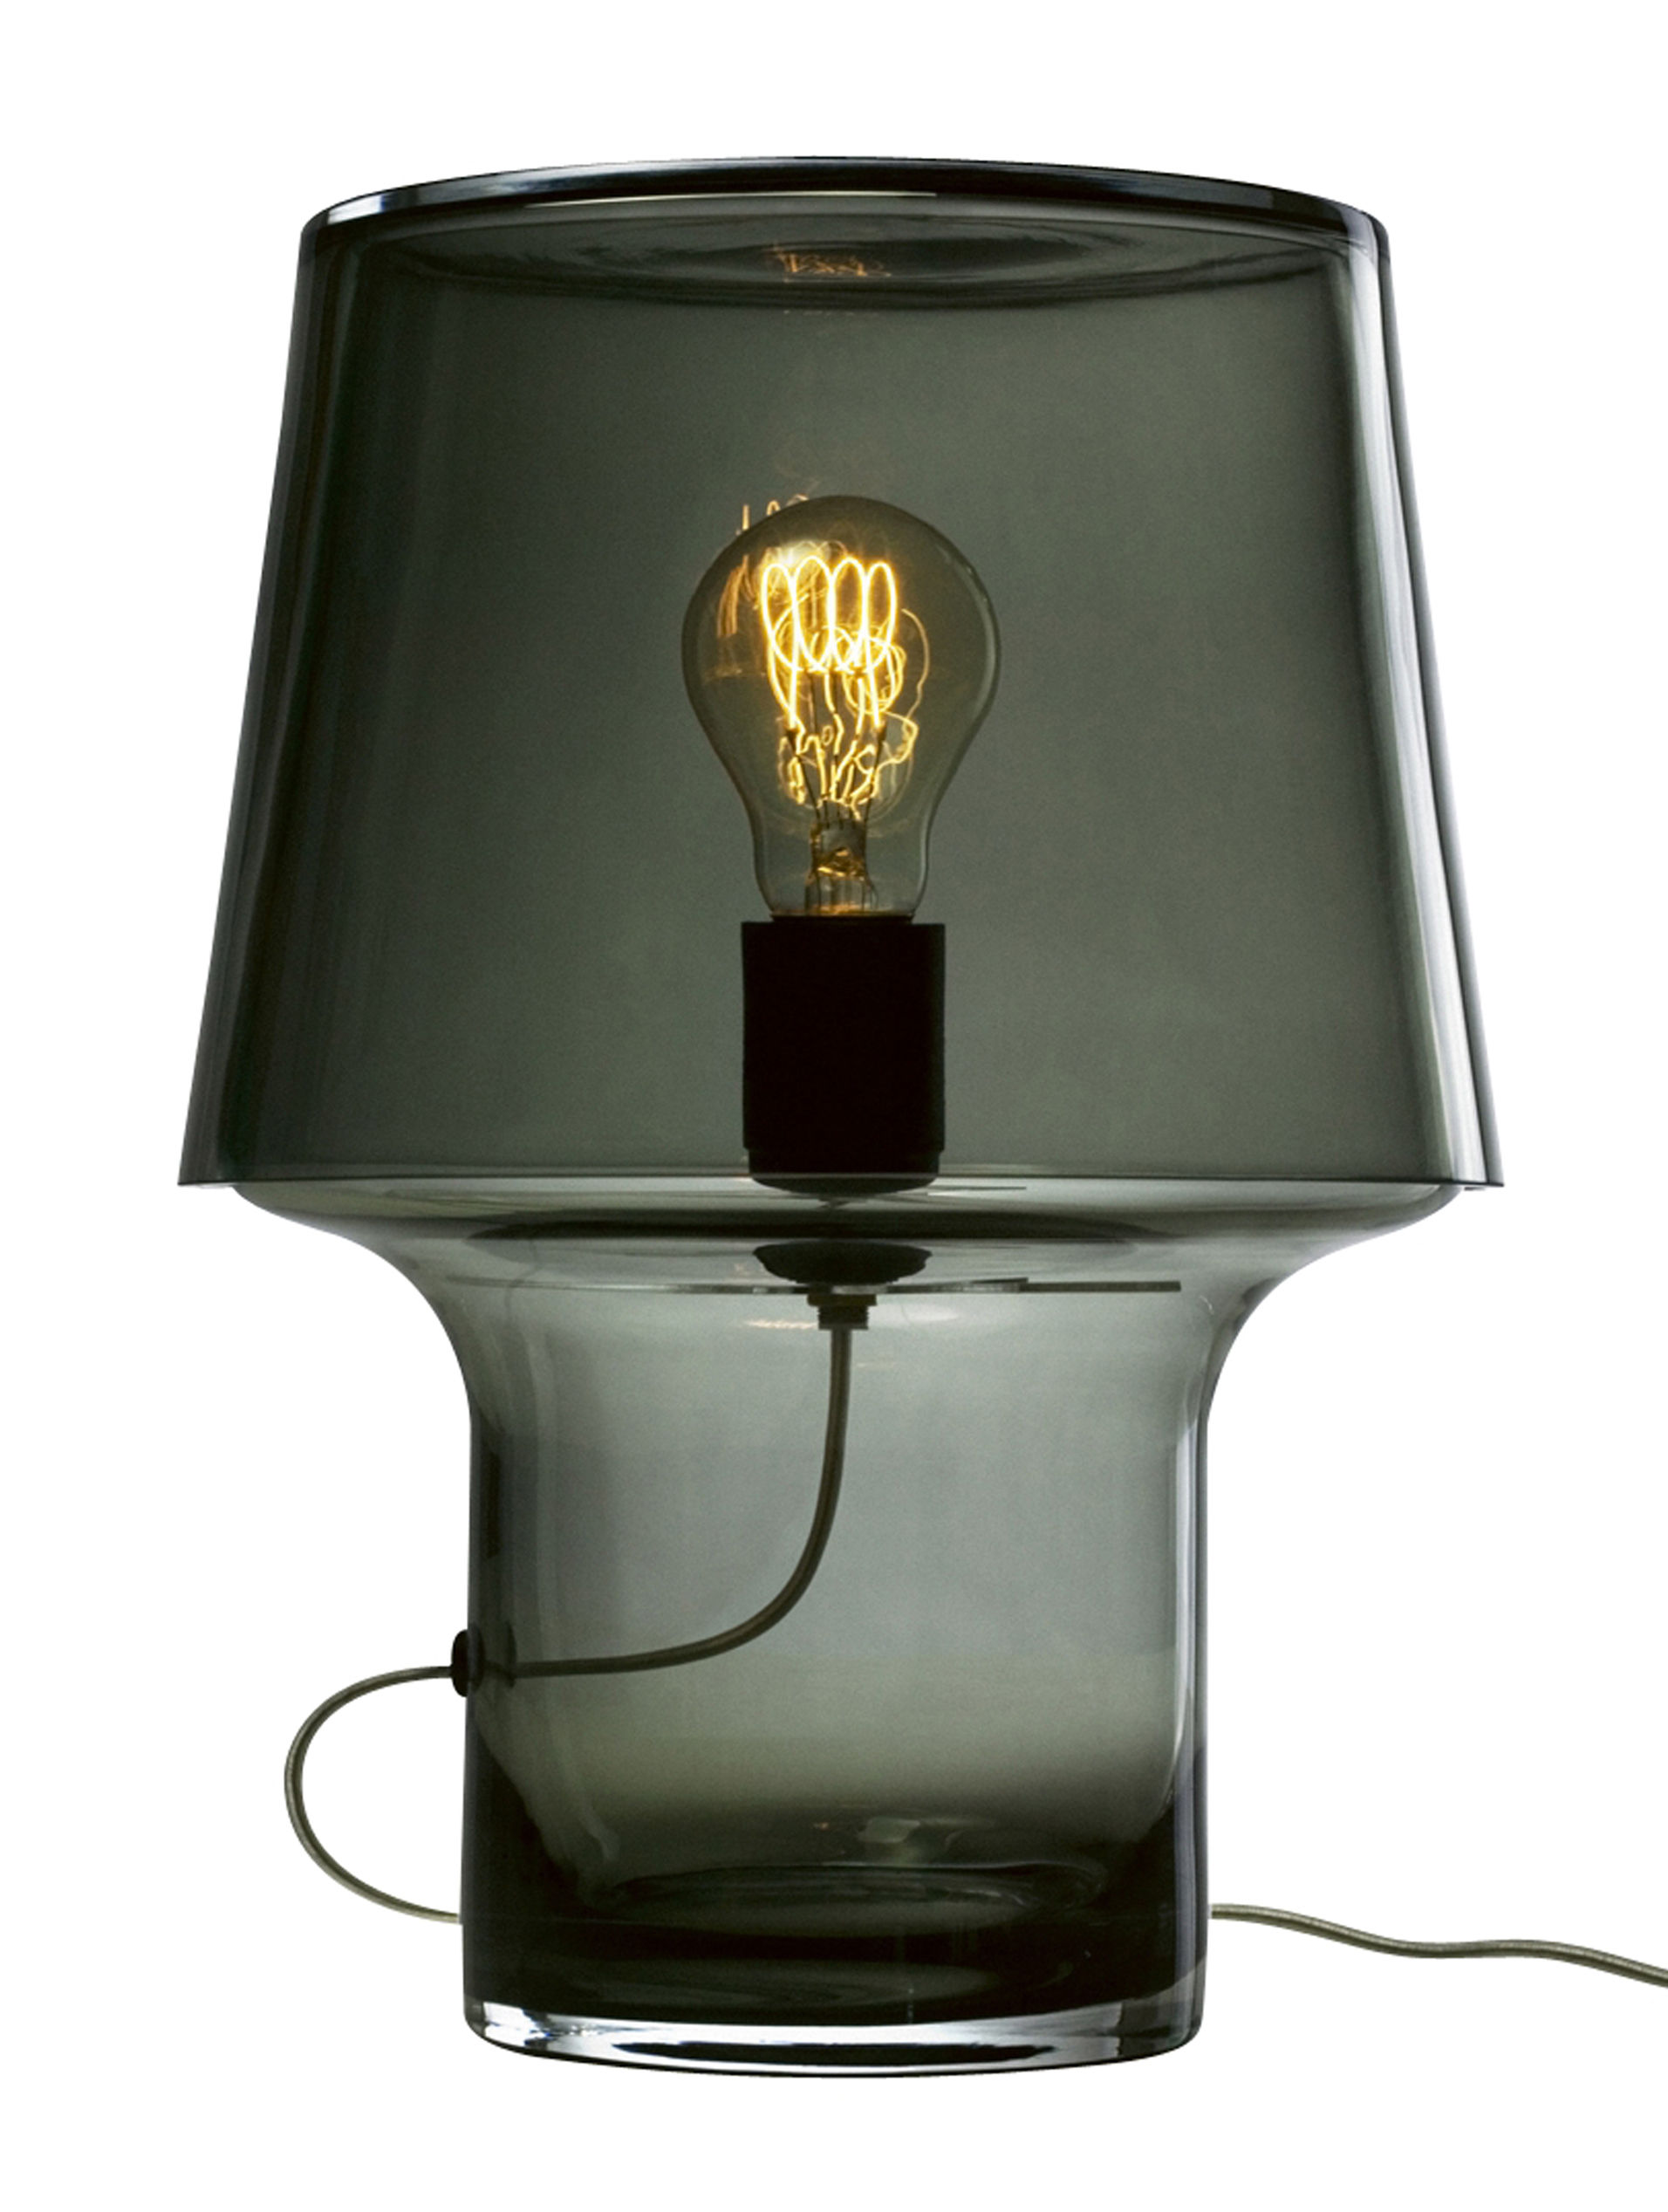 Leuchten - Tischleuchten - Cosy in Grey Tischleuchte / aus Glas - H 32 cm - Muuto - Grau-transparent - Glas, PVC